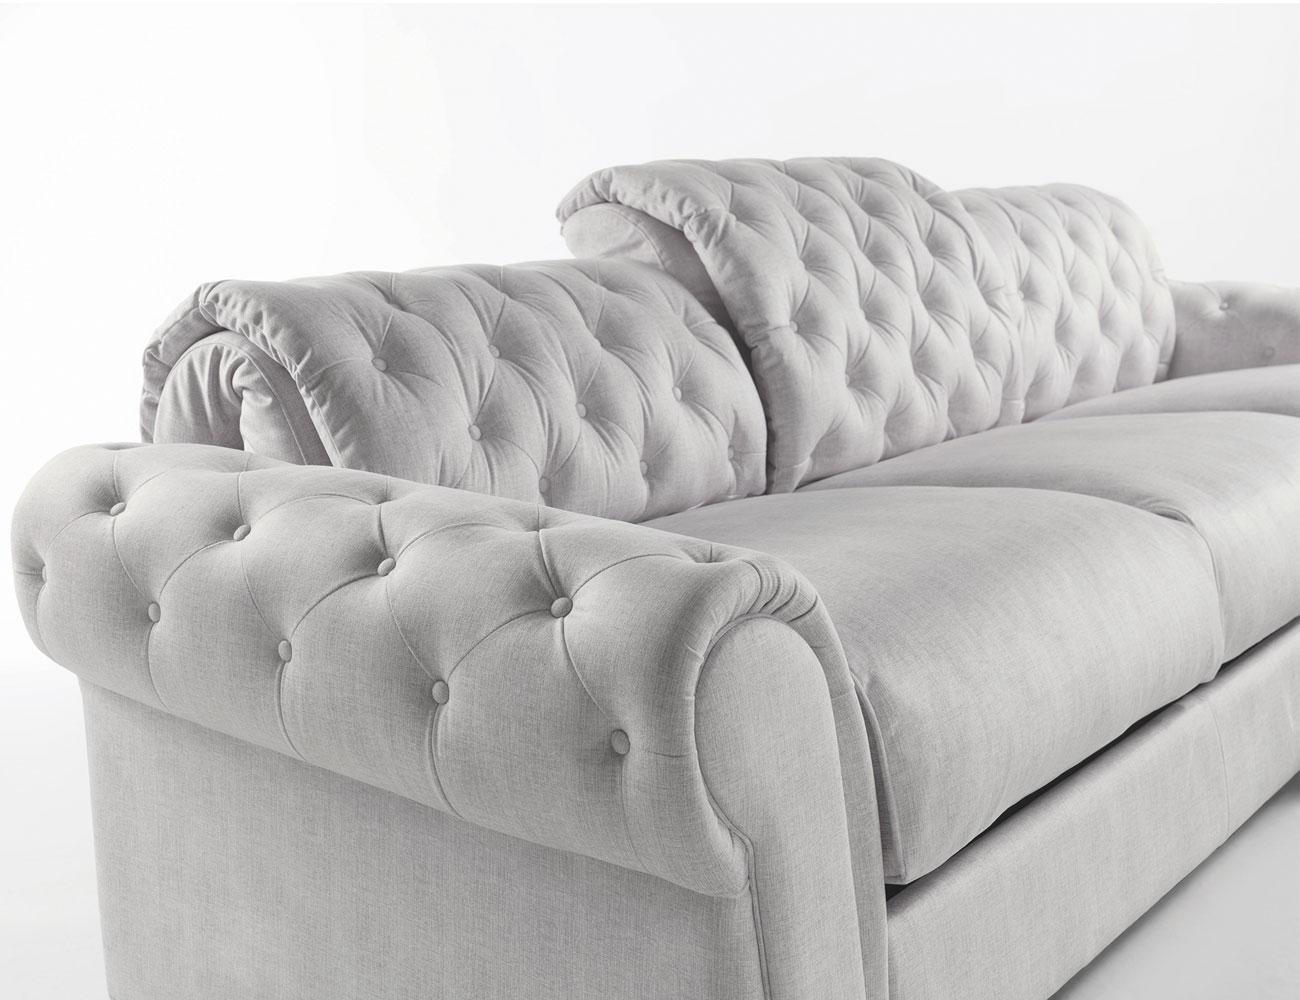 Sofa chaiselongue gran lujo decorativo capitone blanco tela 15